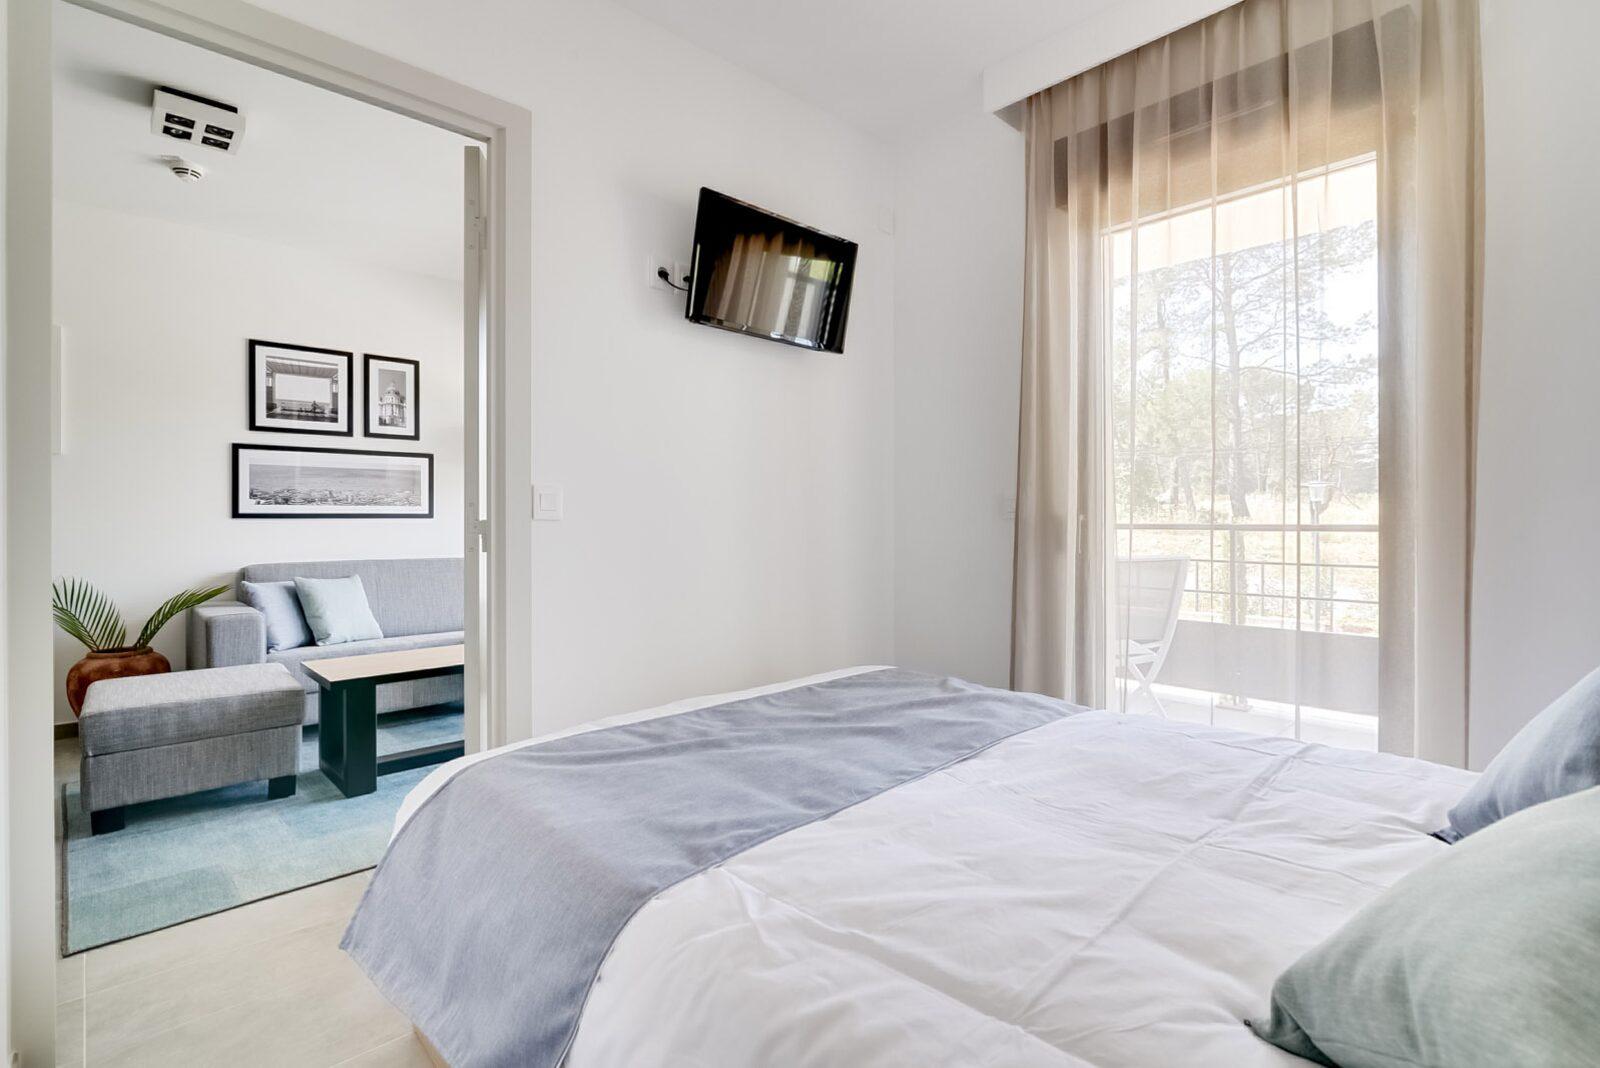 appartement pour 4 personnes avec lit double et un lit superpose